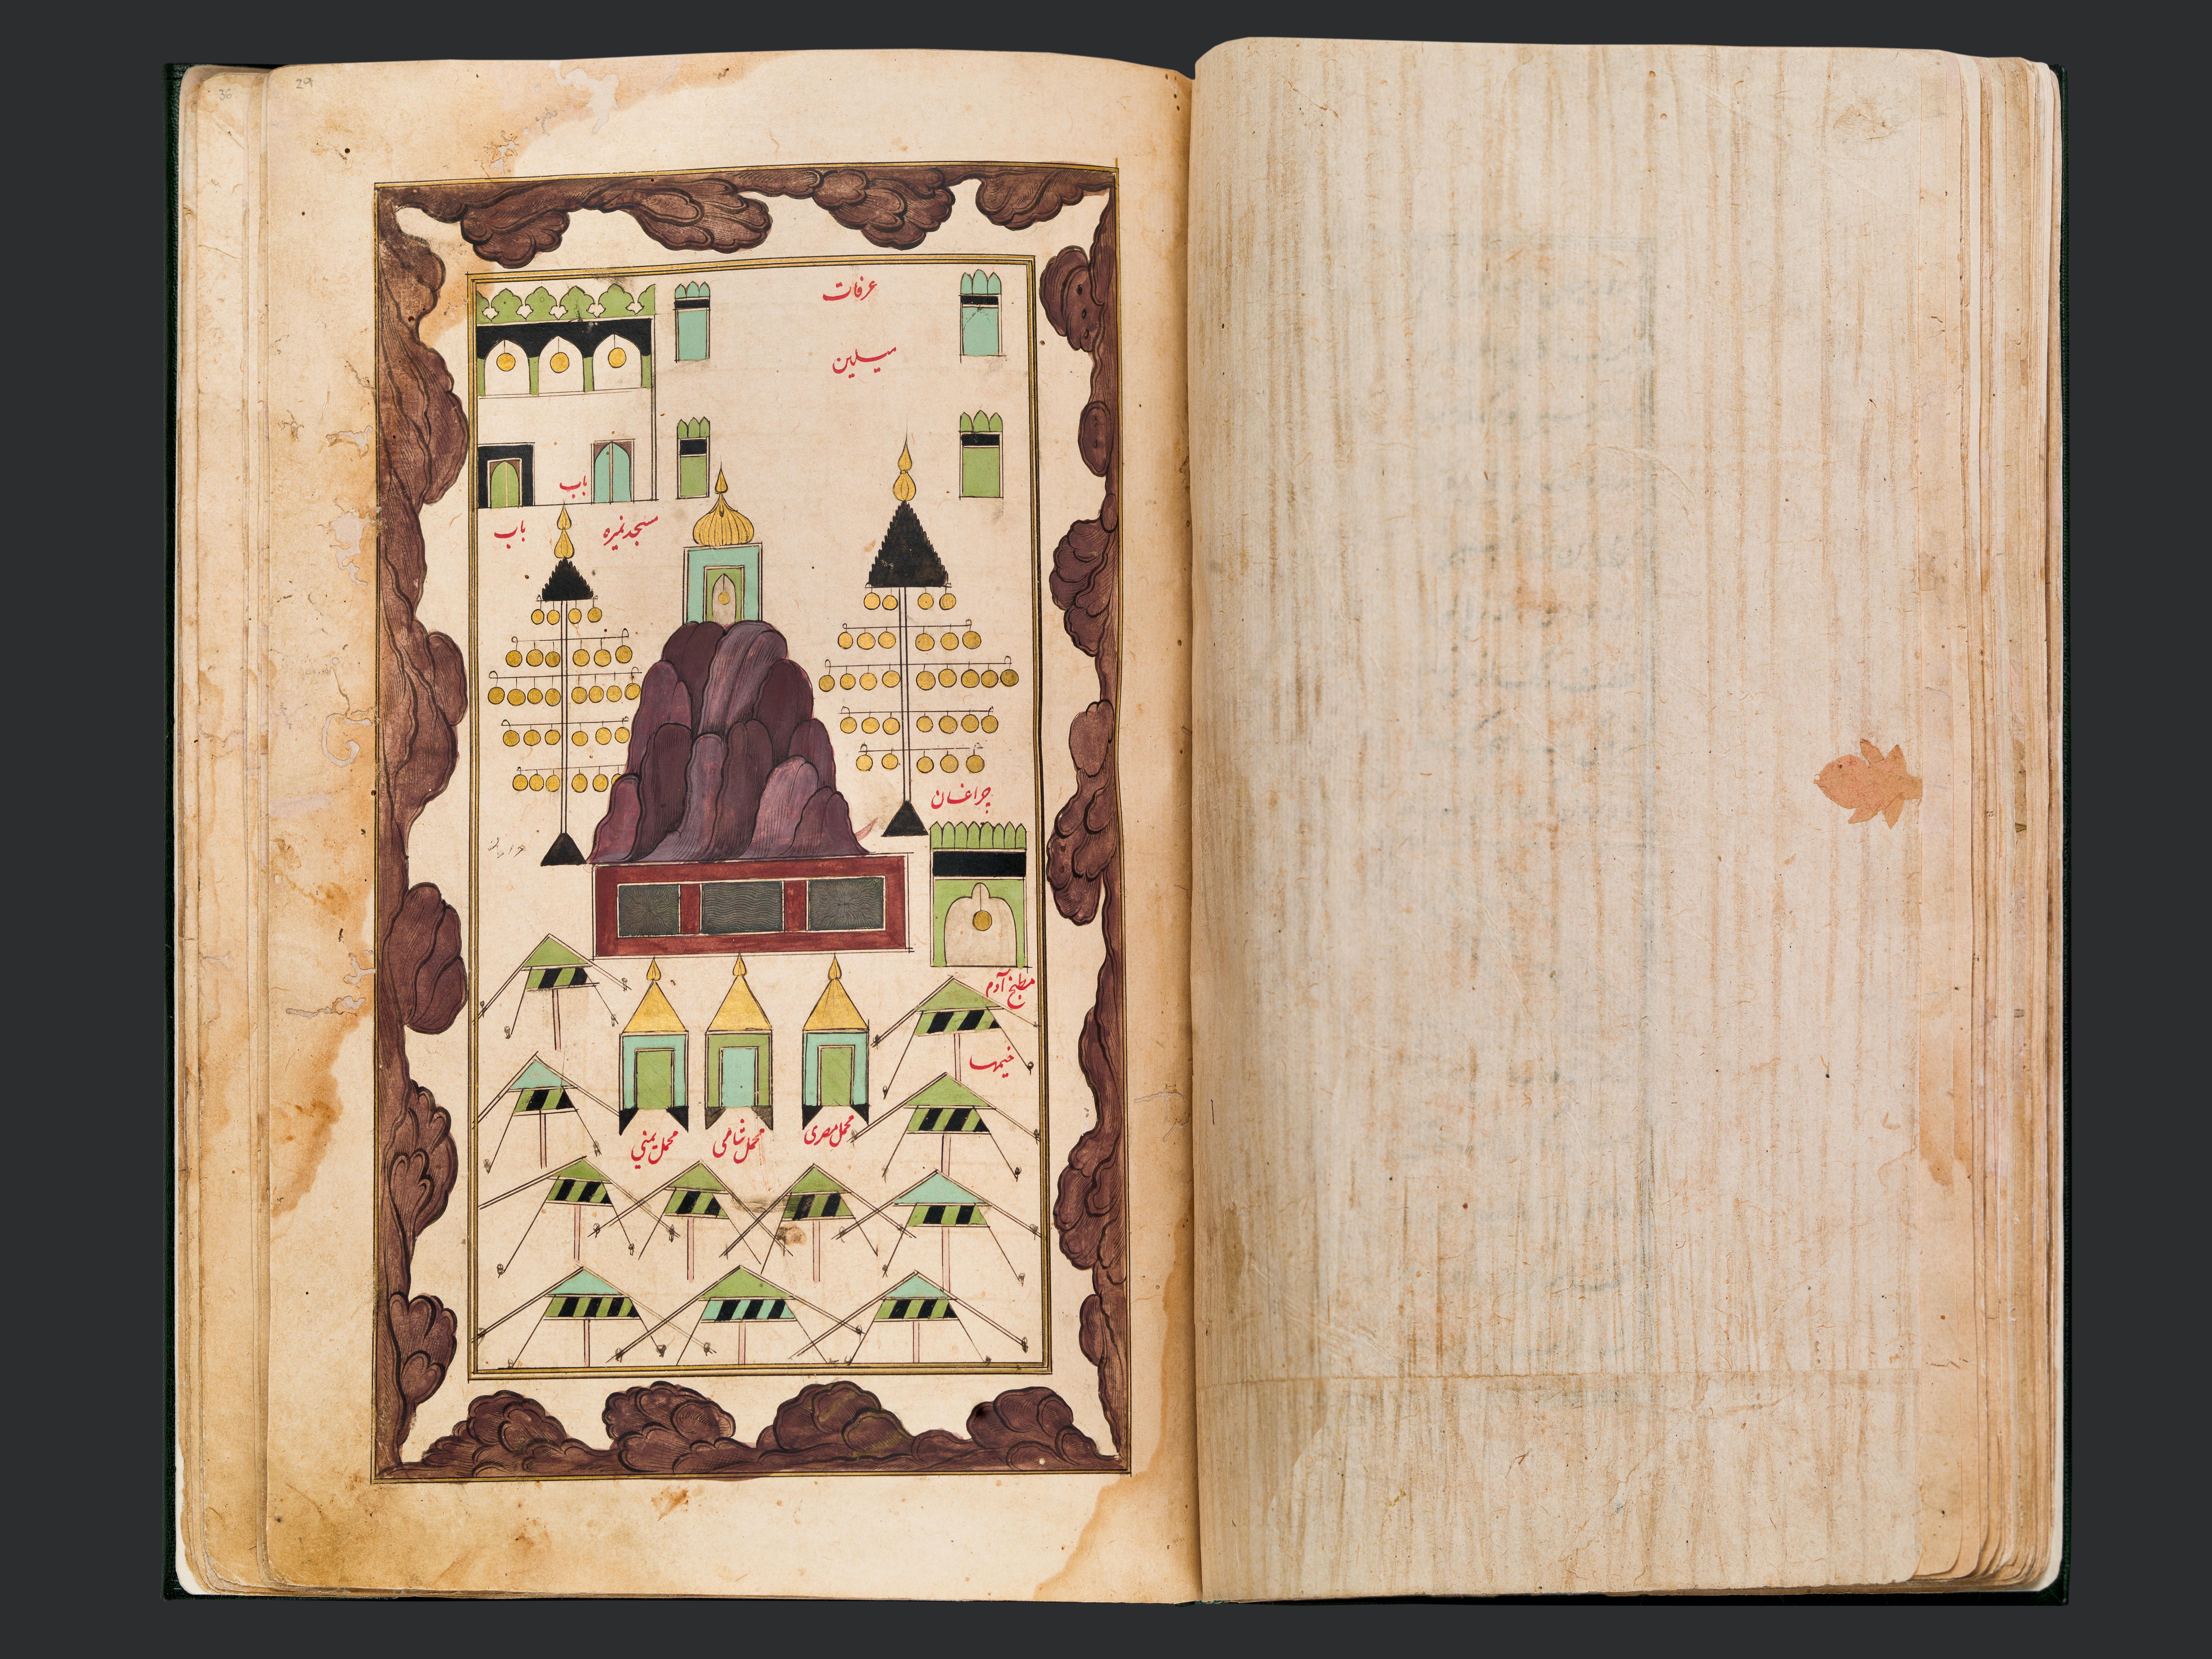 Fig.4. Mont 'Arafat, Muhyi'l-Dīn Lārī, Kitāb Futūh al-Haramayn (« La Révélation des Deux Sanctuaires »), Inde du Nord, Daté du 5 Ravab 1123 H (19 Août 1711 ), Encre, aquarelles opaques et or sur papier, 28 x 1 9.4 cm. Museum of Islamic Art, Doha, MS.594.2007. © Museum of Islamic Art, Doha.